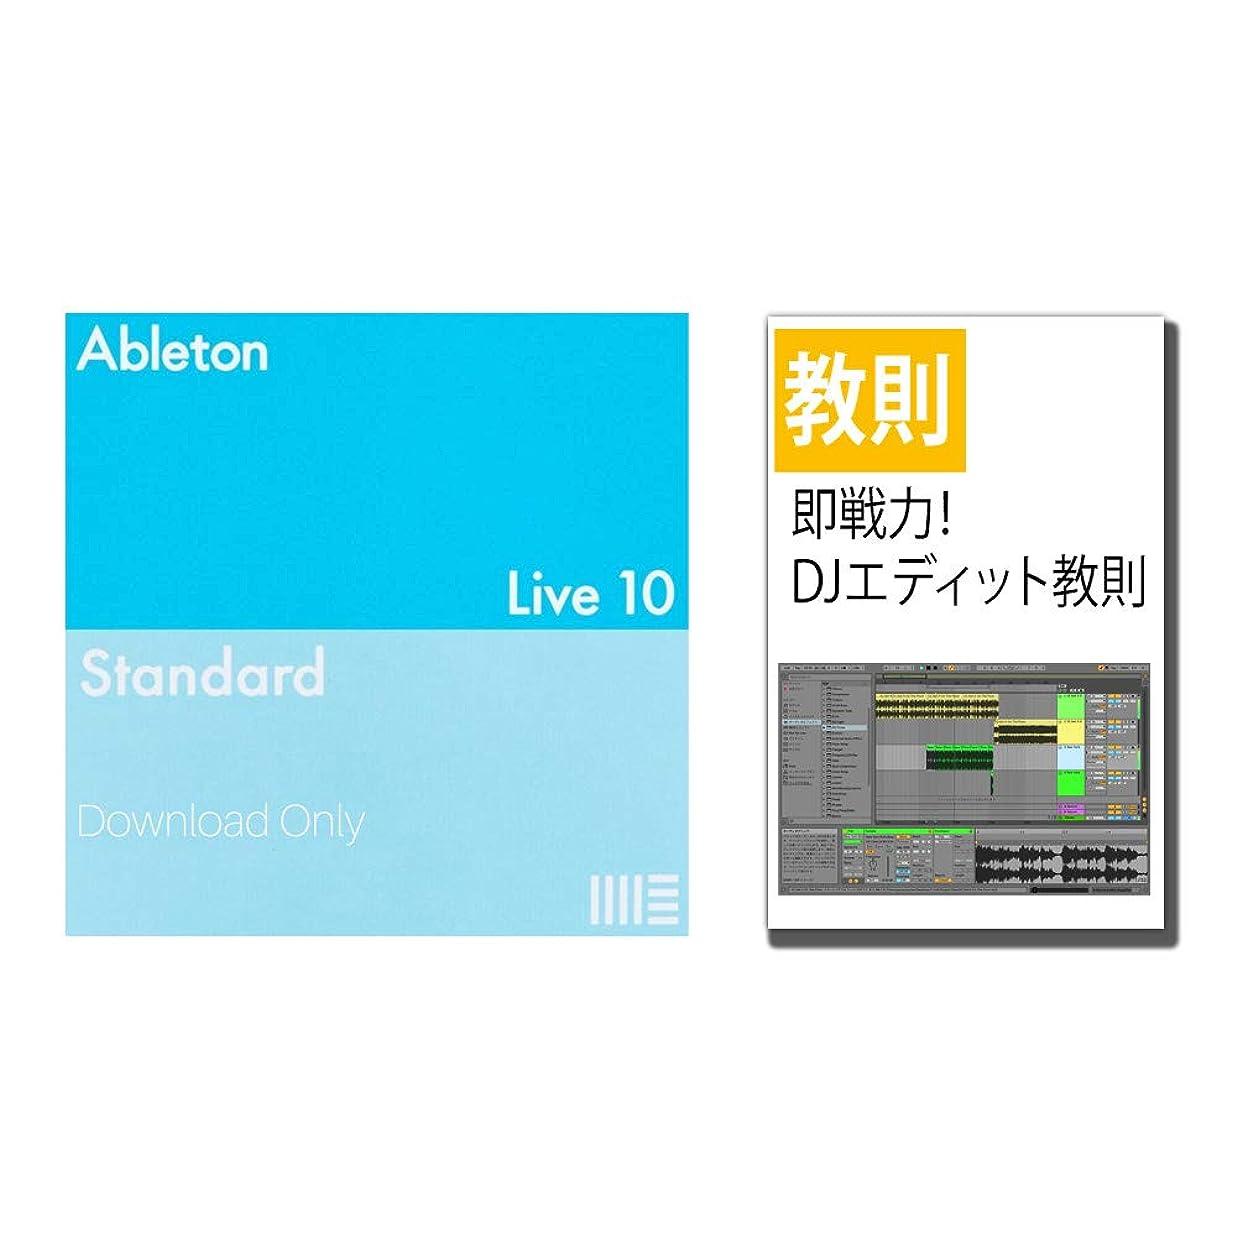 座る増幅する書道【1大特典】Ableton Live10 Standard 通常版 楽曲制作ソフト【ダウンロード版】+ DJエディット教則